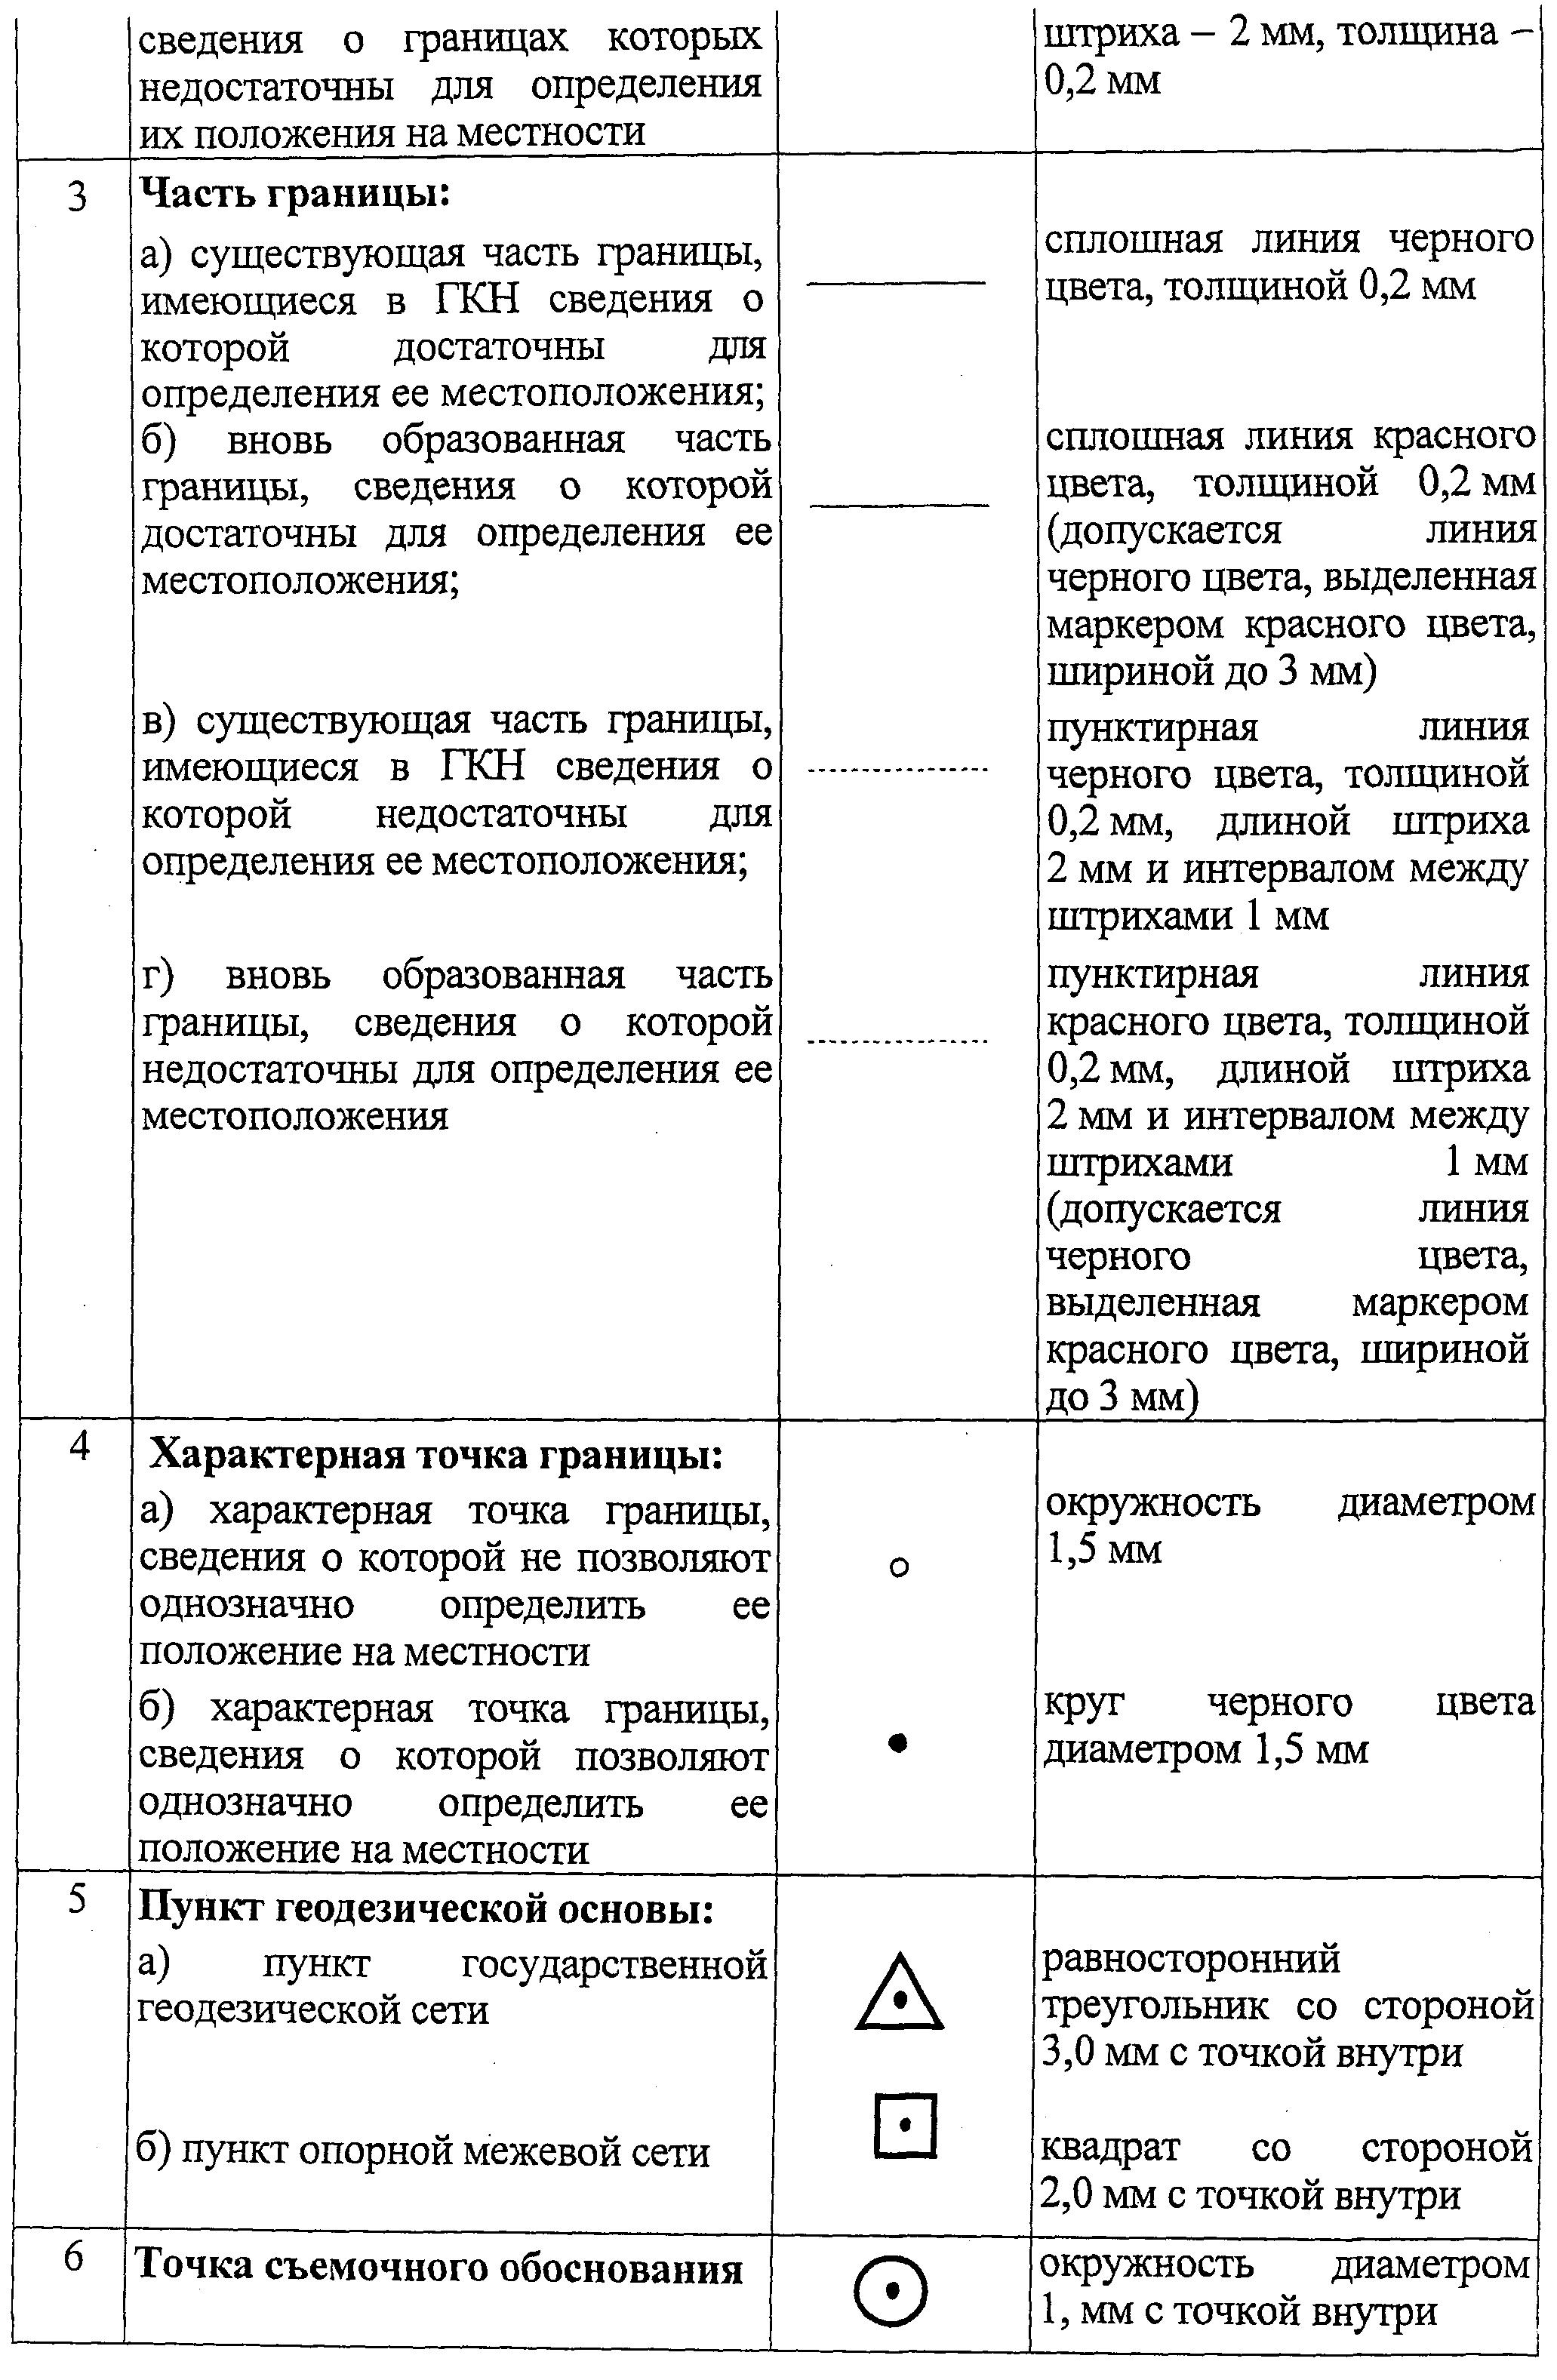 СПЕЦИАЛЬНЫЕ УСЛОВНЫЕ ЗНАКИ (ПРОДОЛЖЕНИЕ 2)